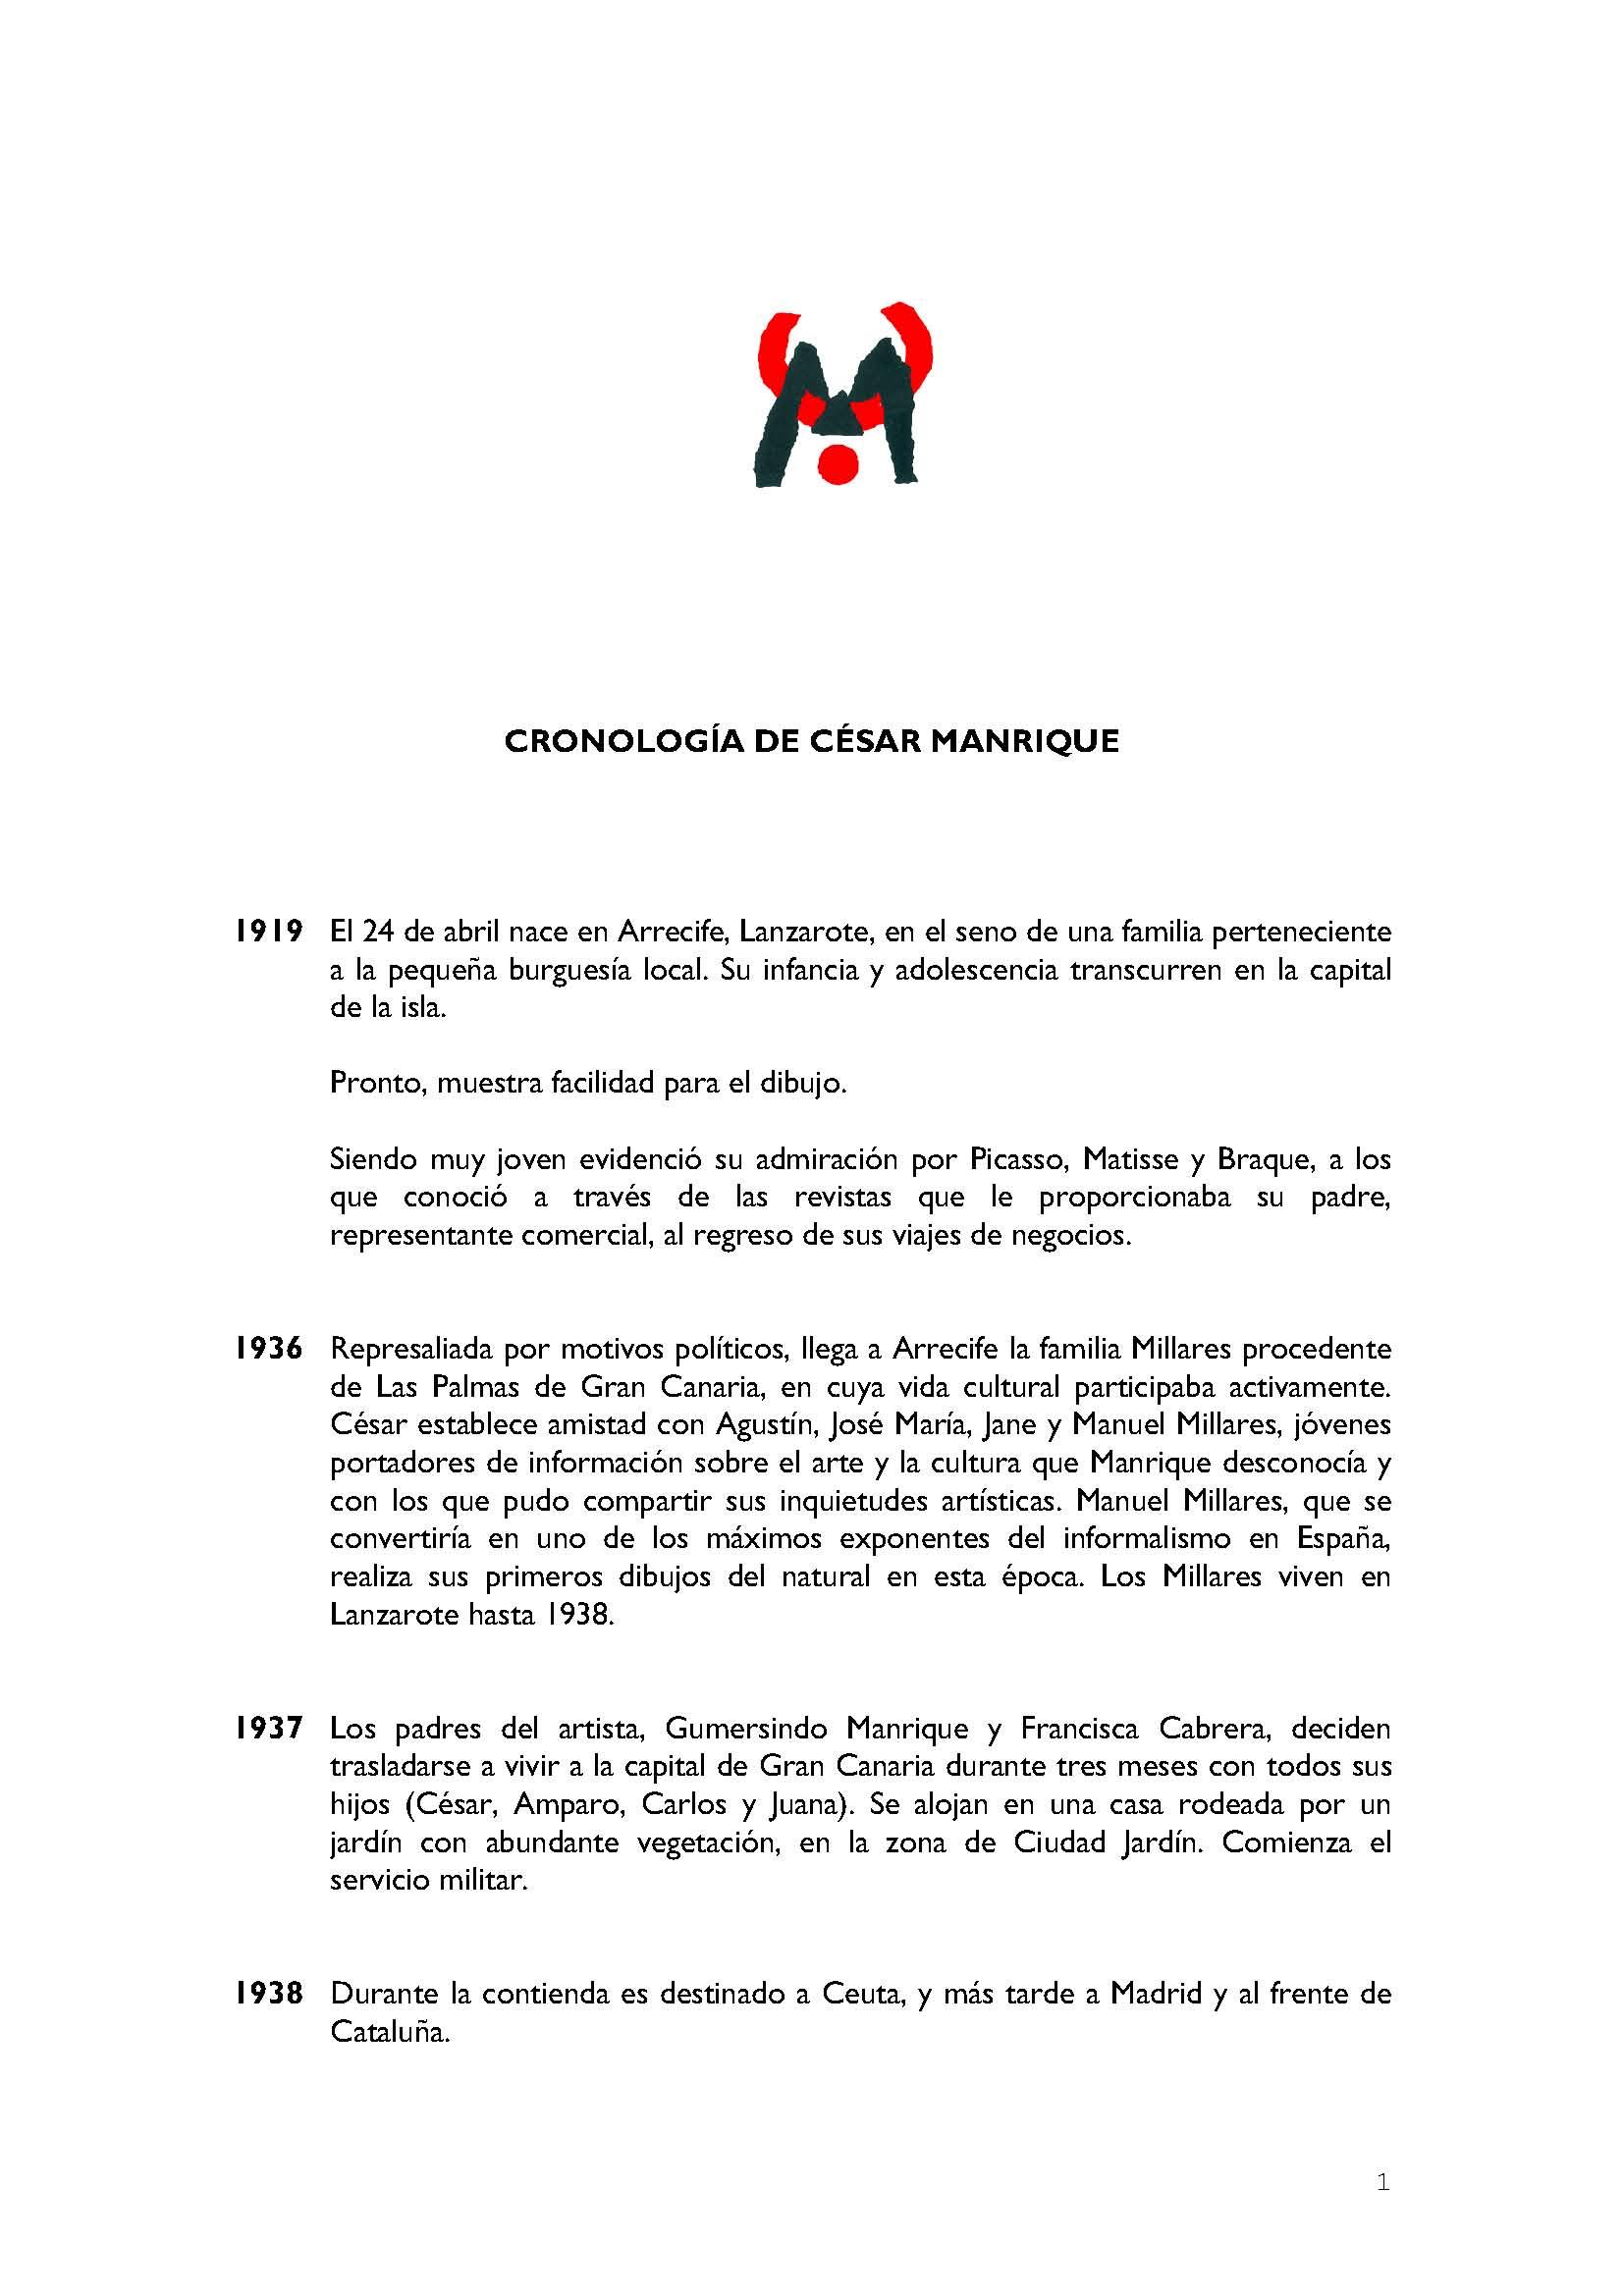 Cronología de César Manrique